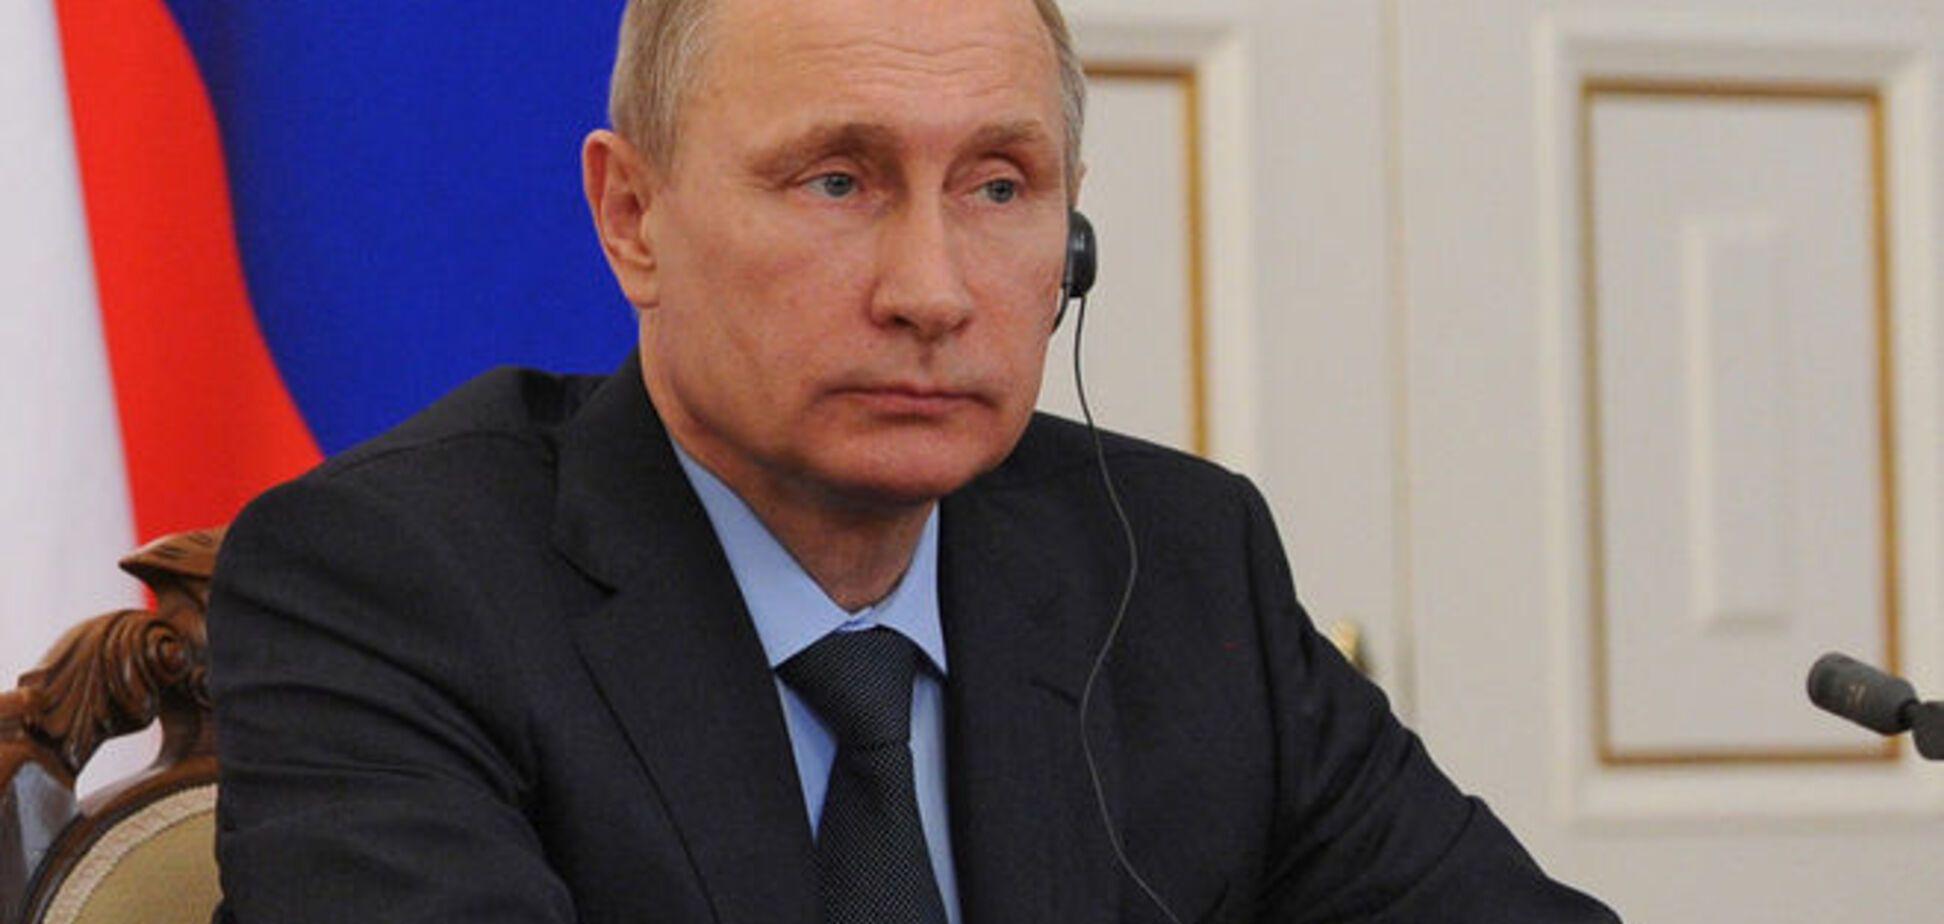 Генерал предупредил о планах Путина в отношении Украины на два месяца вперед